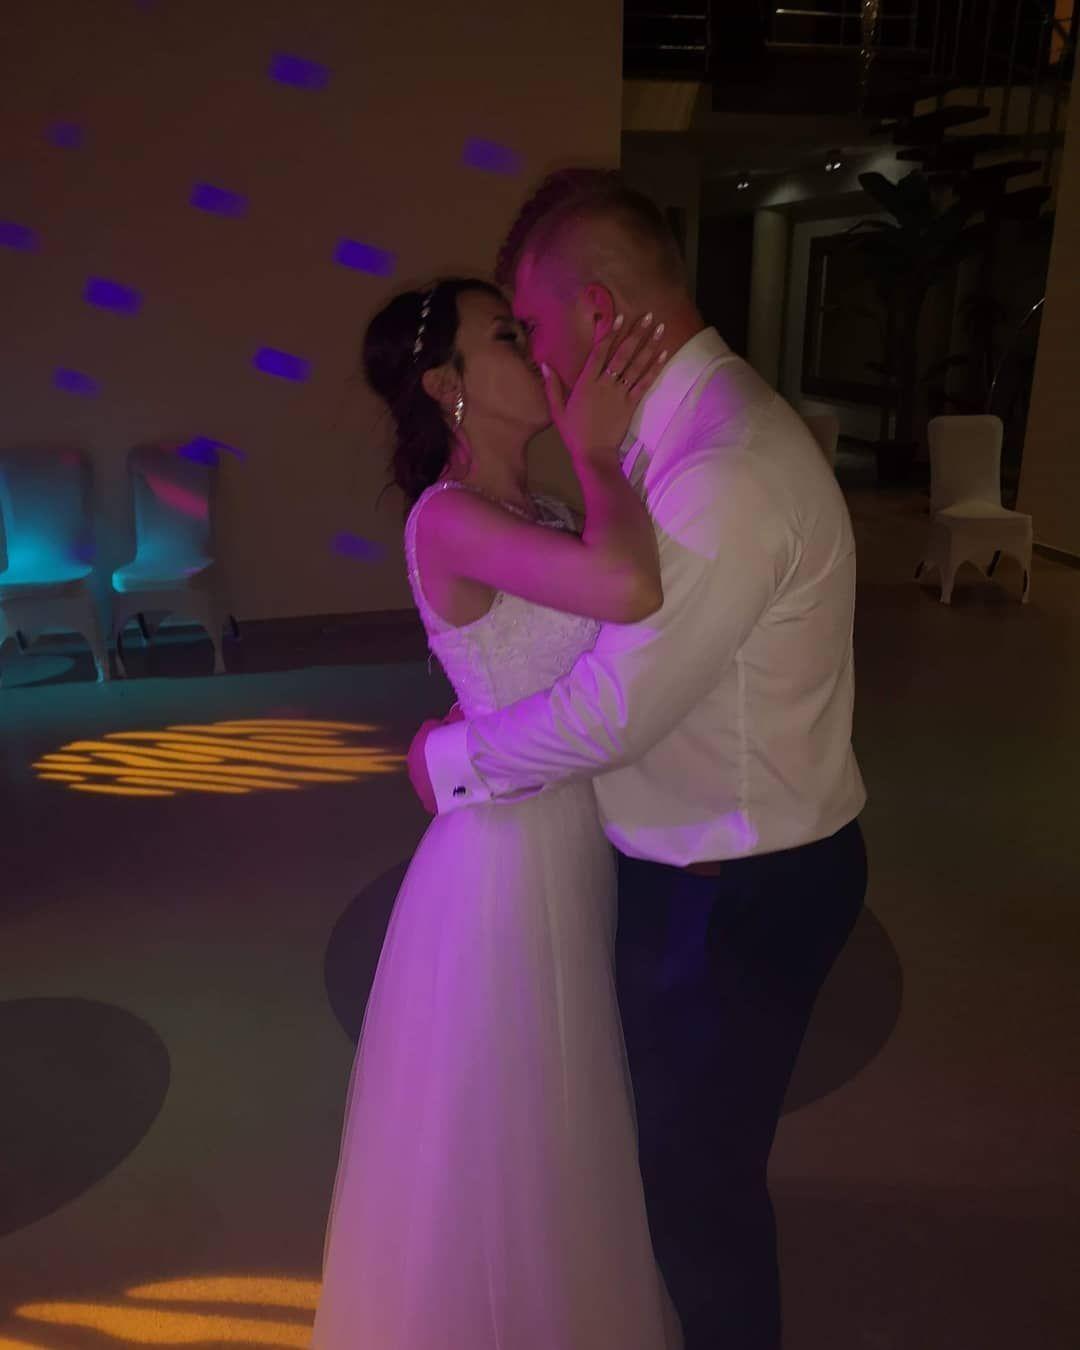 Przetanczyc Z Toba Chce Cala Noc Wedding Weedingday Husbands Wifey Marriedlife Marriedcouples Nightlife Dance Weeding Wifey Formal Dresses Prom